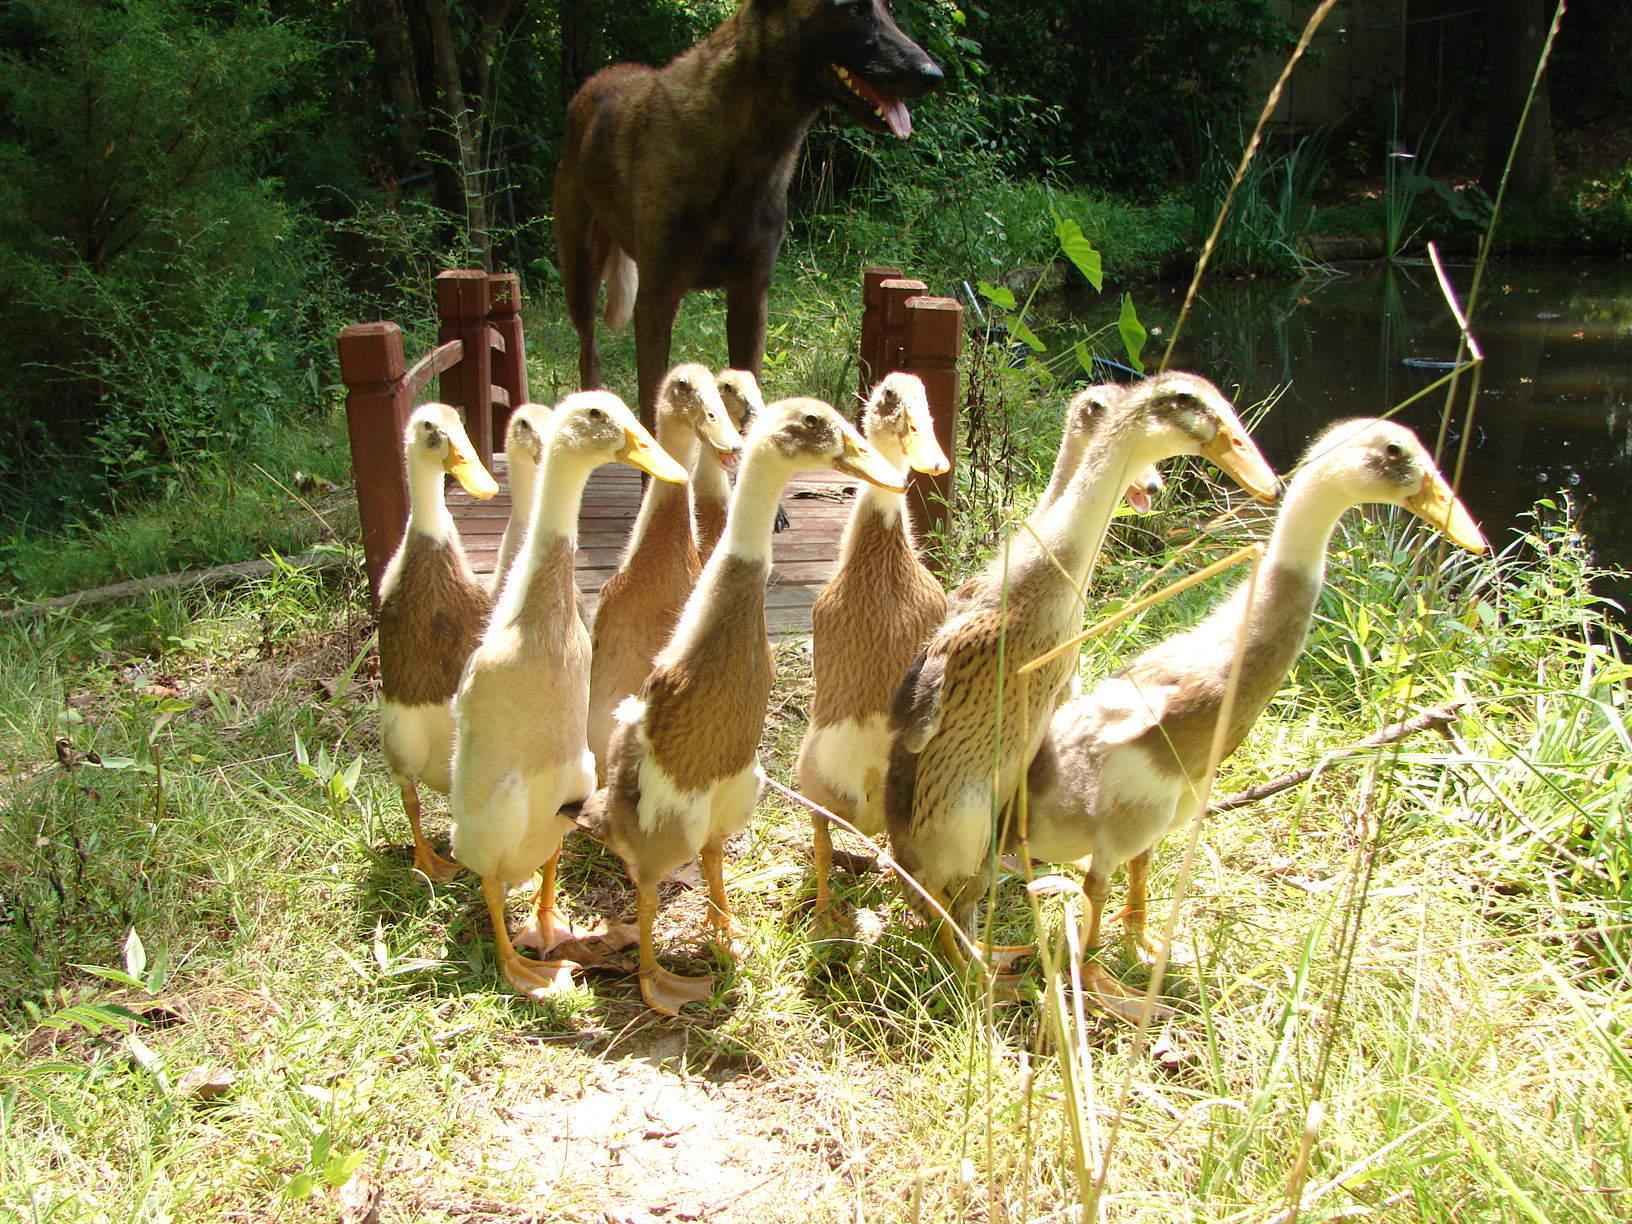 My herd of ducks.